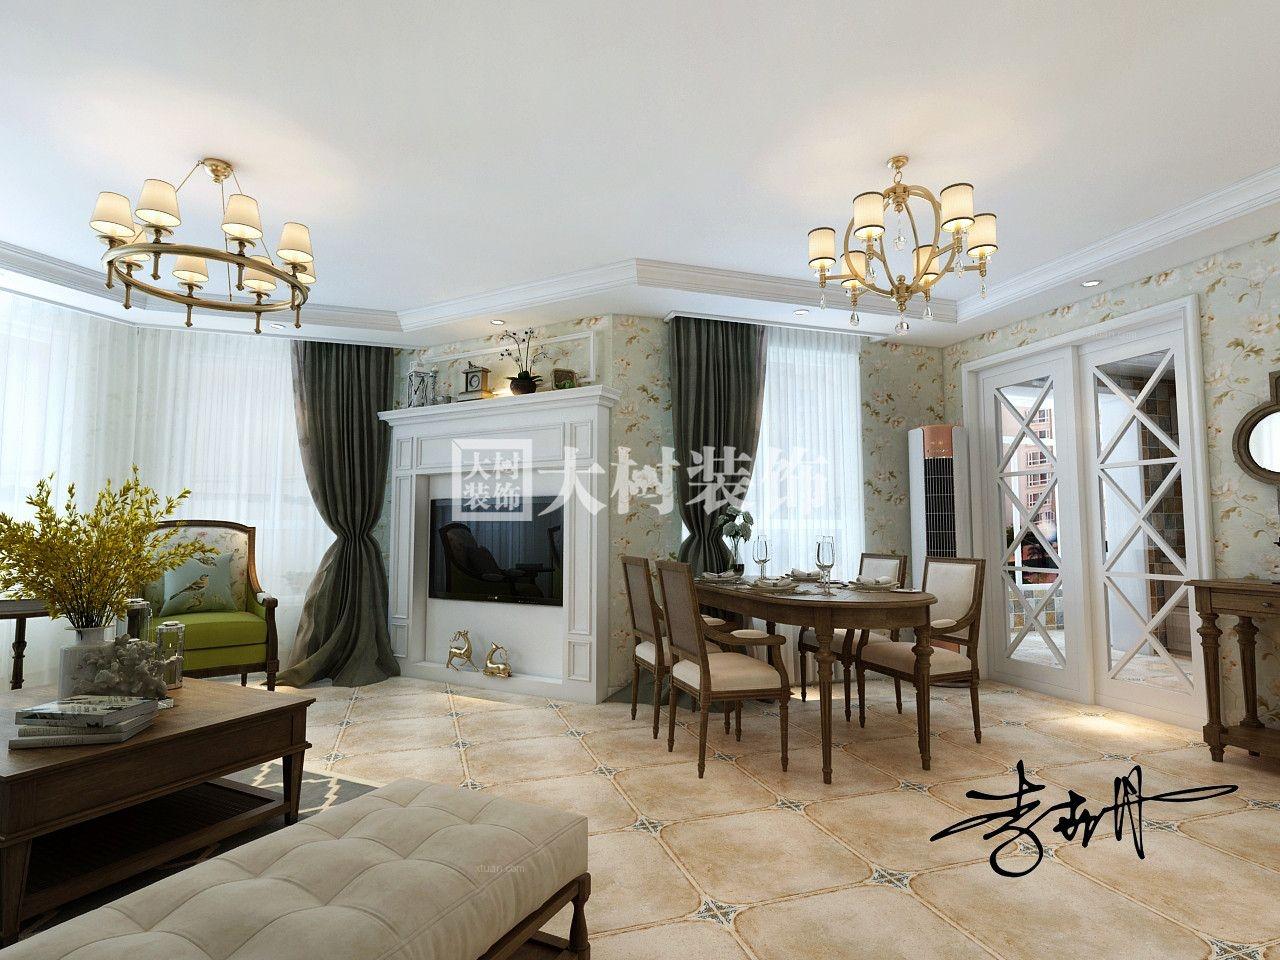 祥阁花园三室一厅两卫--轻松、舒适,悠享美式田园生活